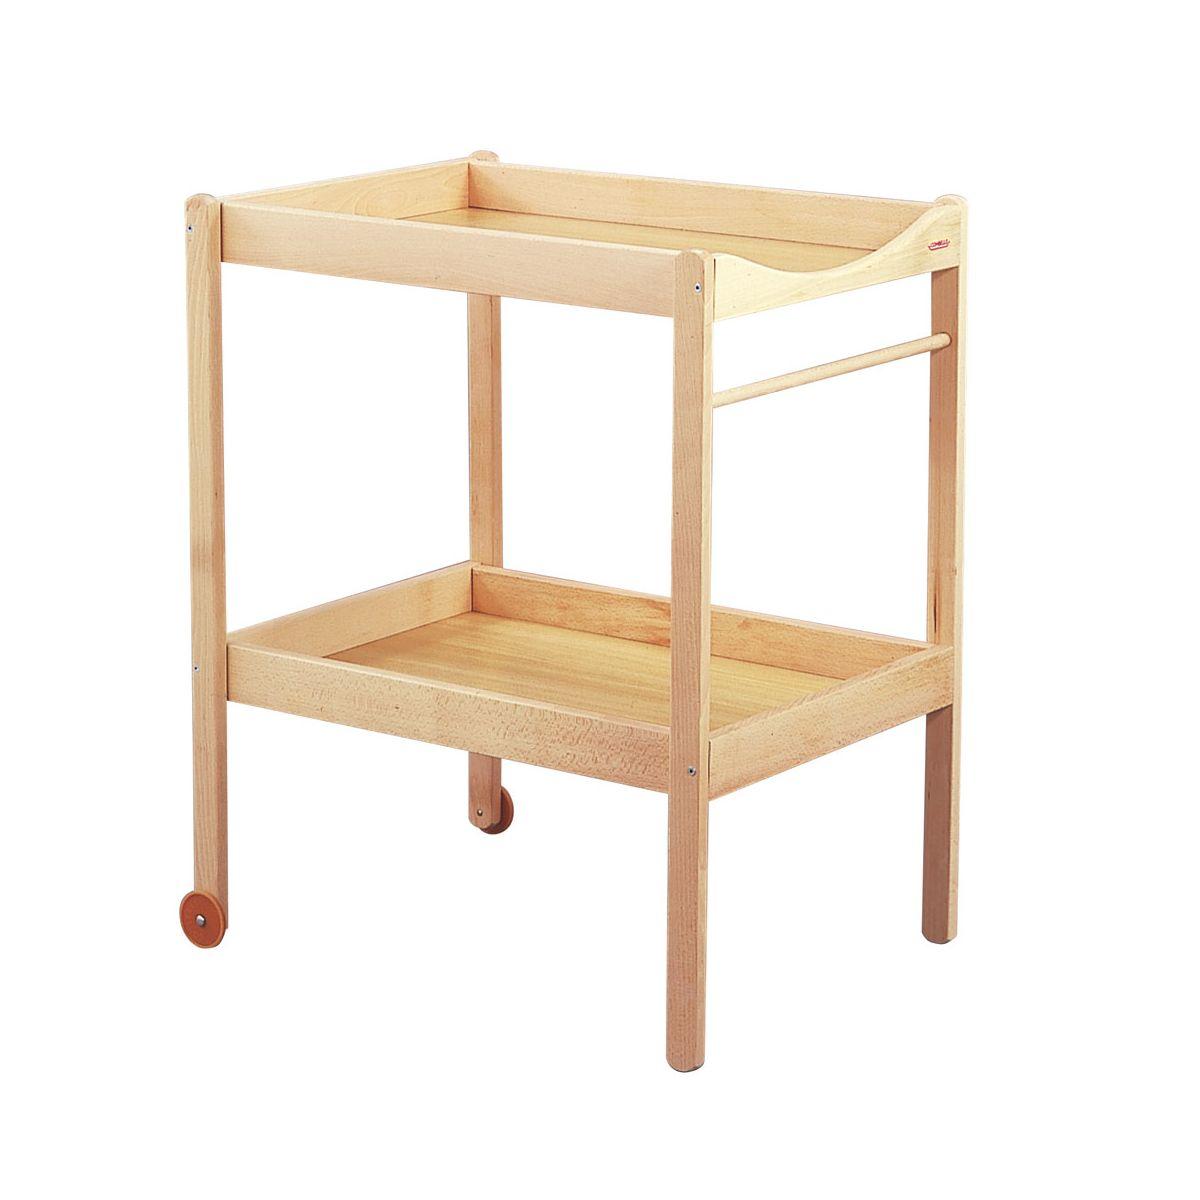 Luiertafel alice natuurlijk vernis sebio - Plan table a langer en bois ...